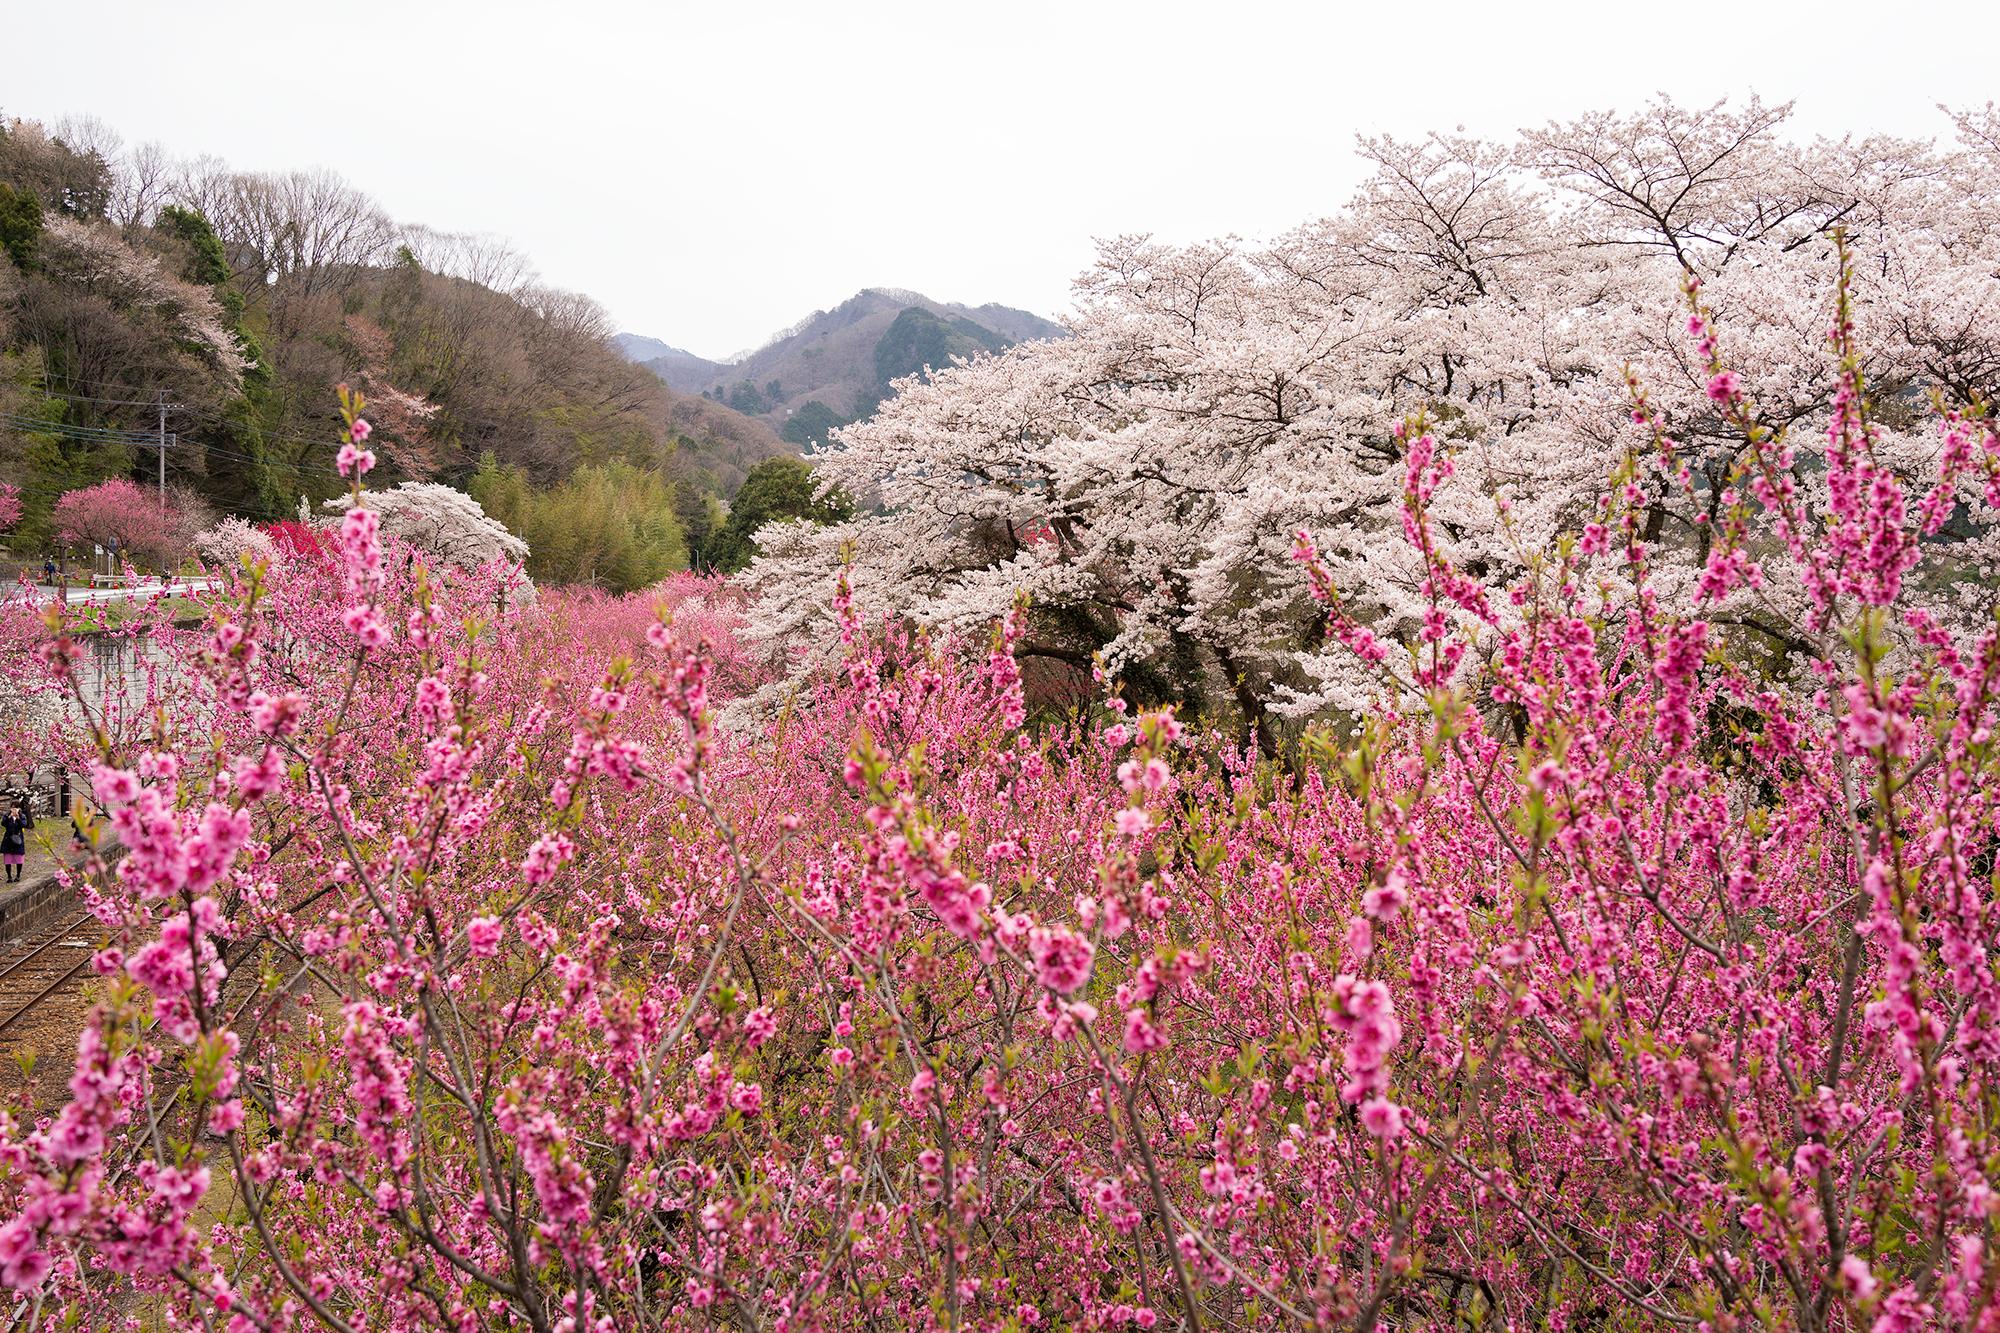 花桃の植樹から20年 山間の桃源郷 わたらせ渓谷鉄道の旅5